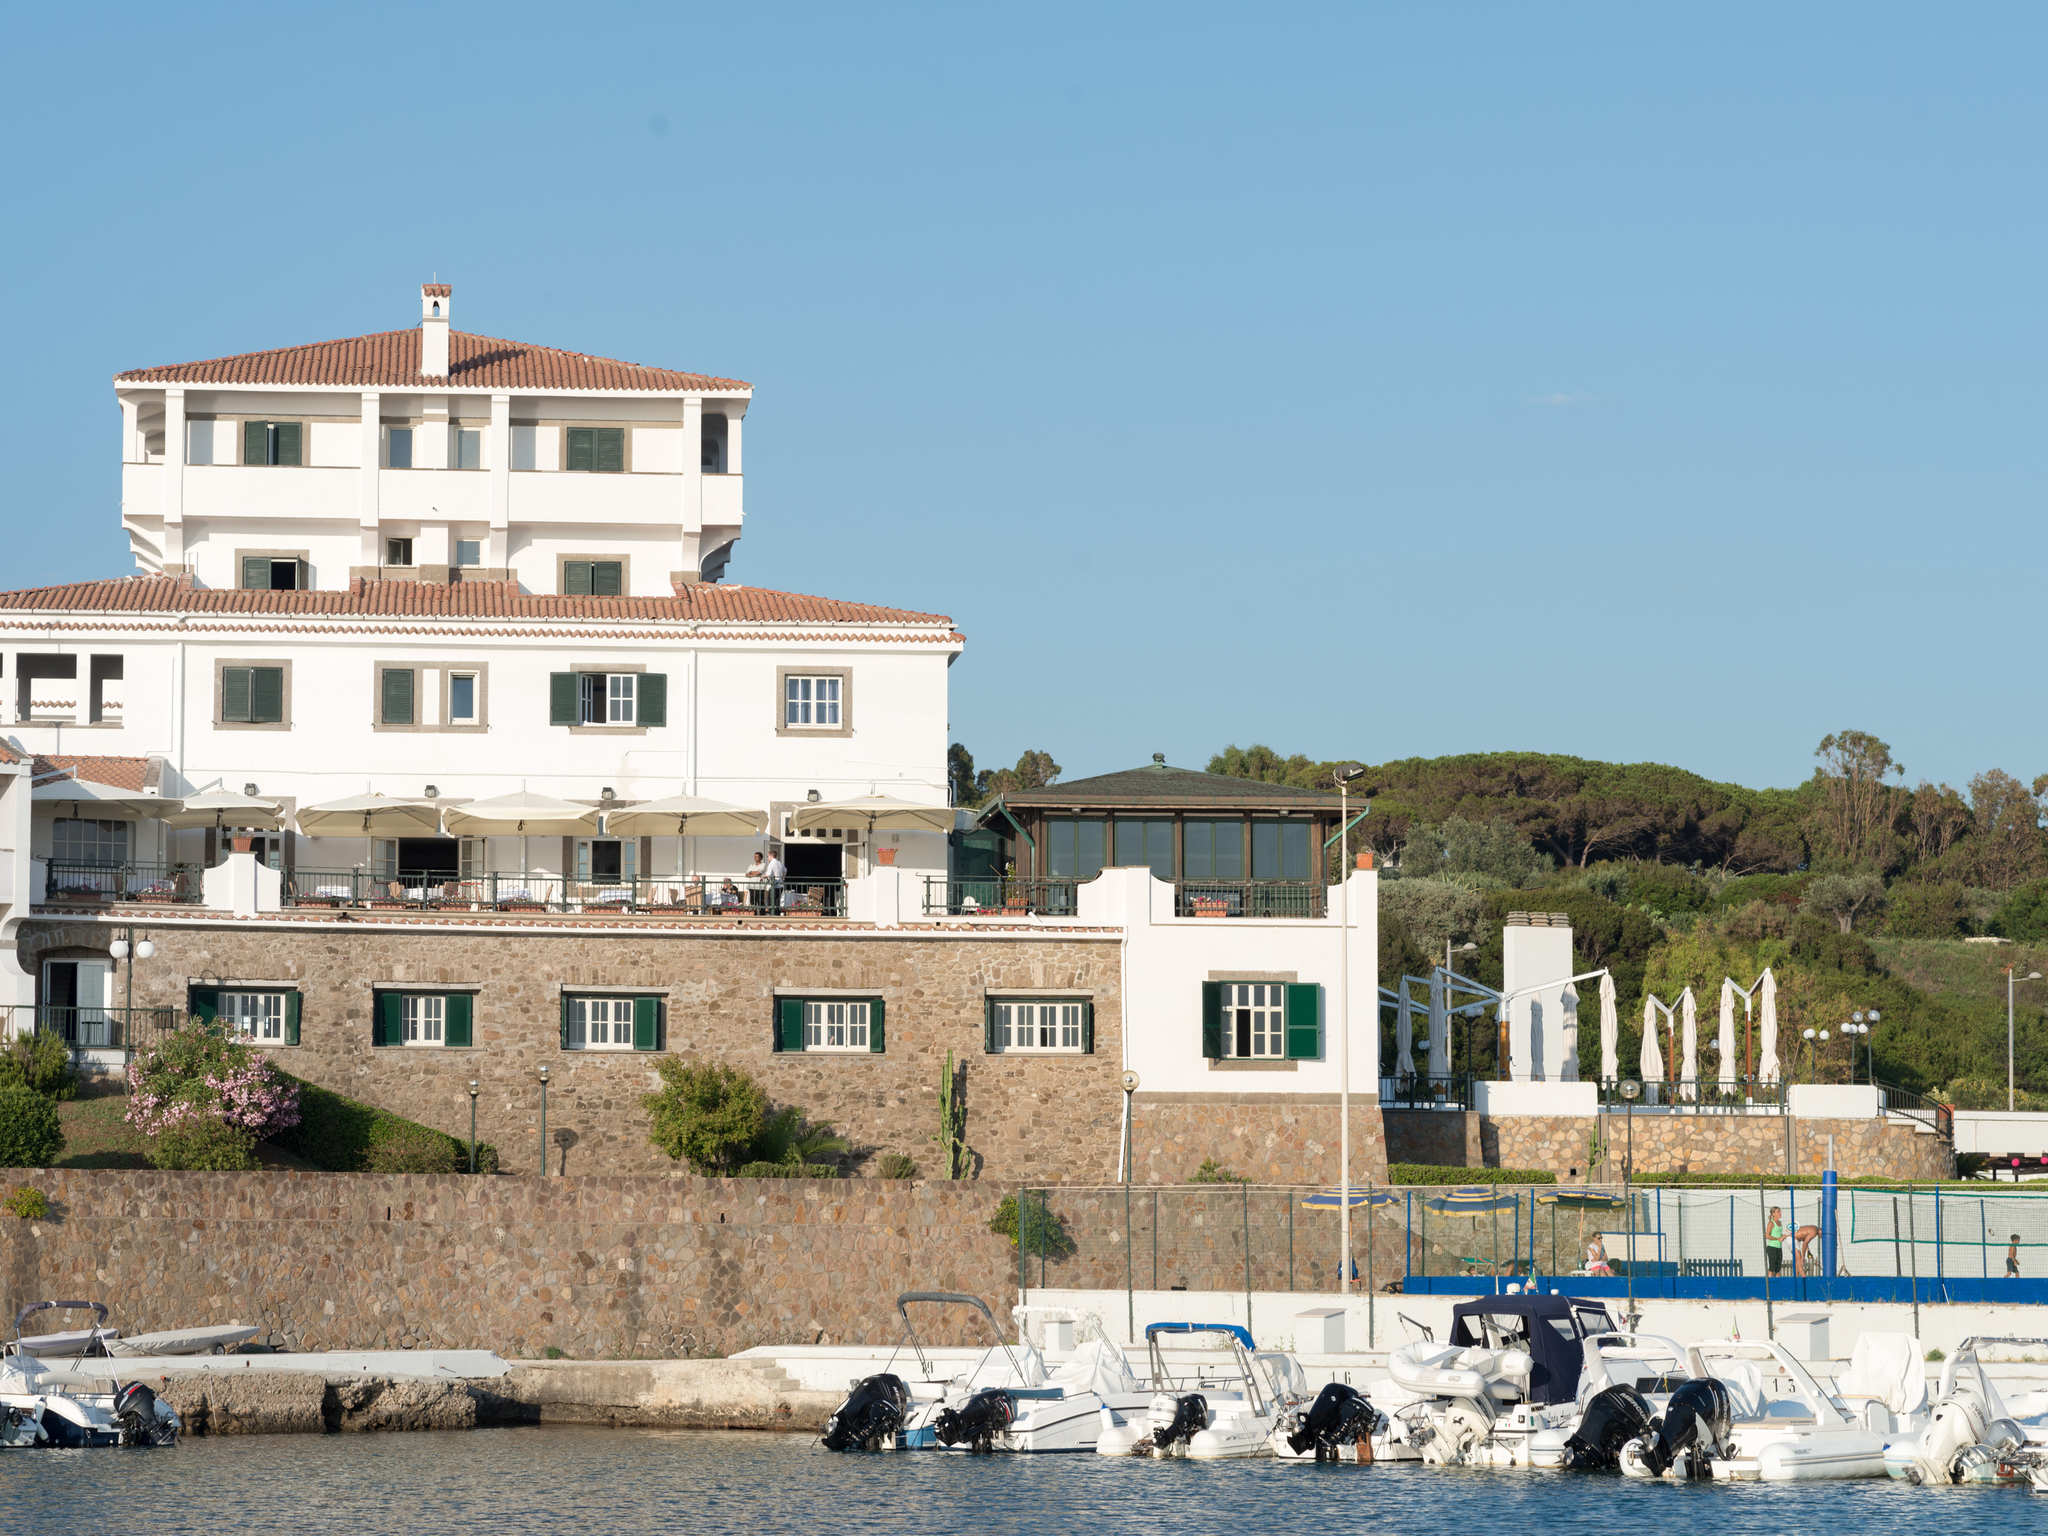 ホテル – Mercure Civitavecchia Sunbay Park Hotel - New Opening